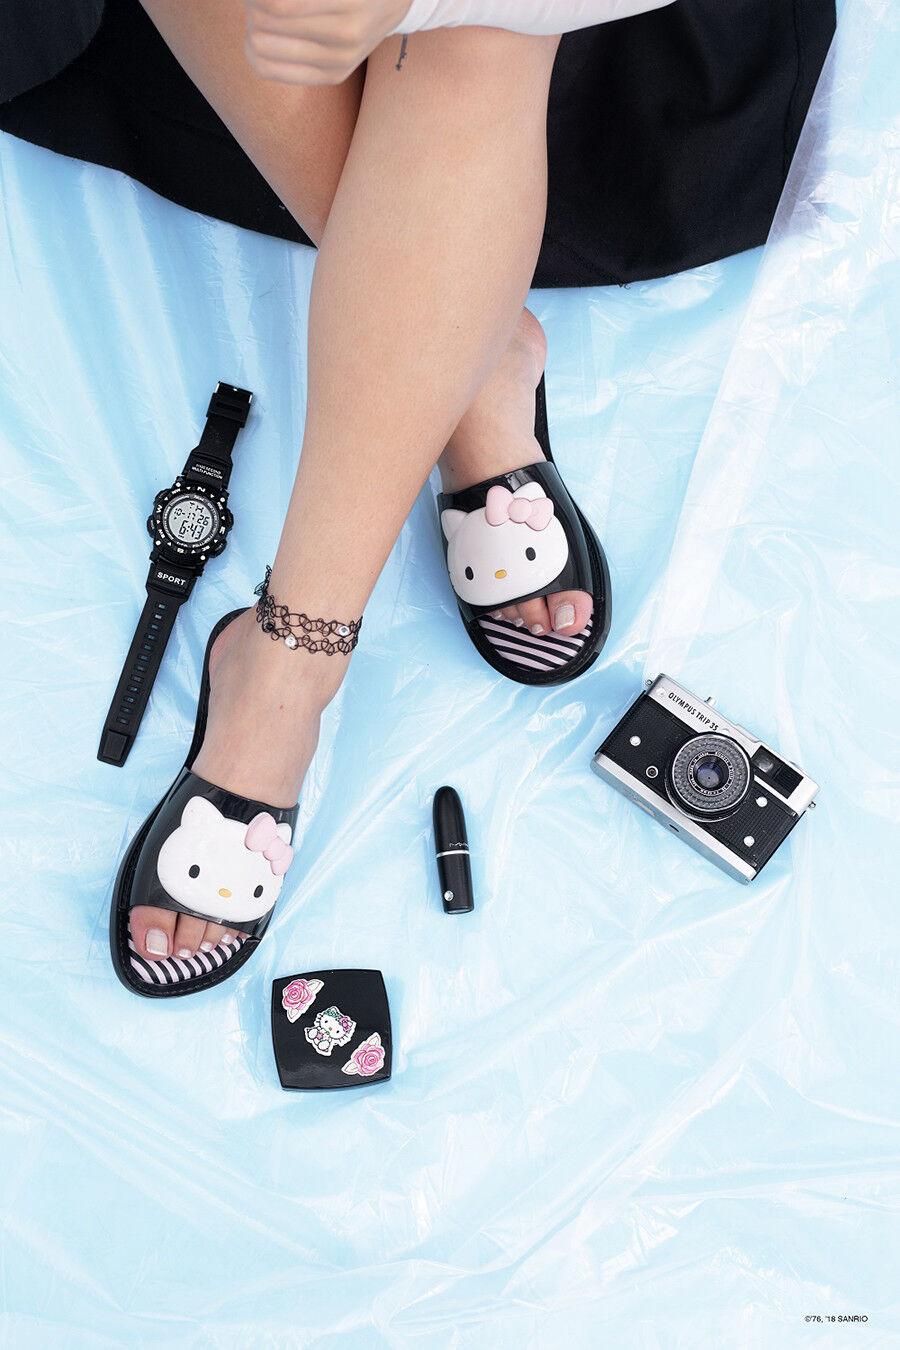 New Melissa Slipper + Hello Kitty 2019 Black Slide Sandal Authentic US 6, 7, 8 9